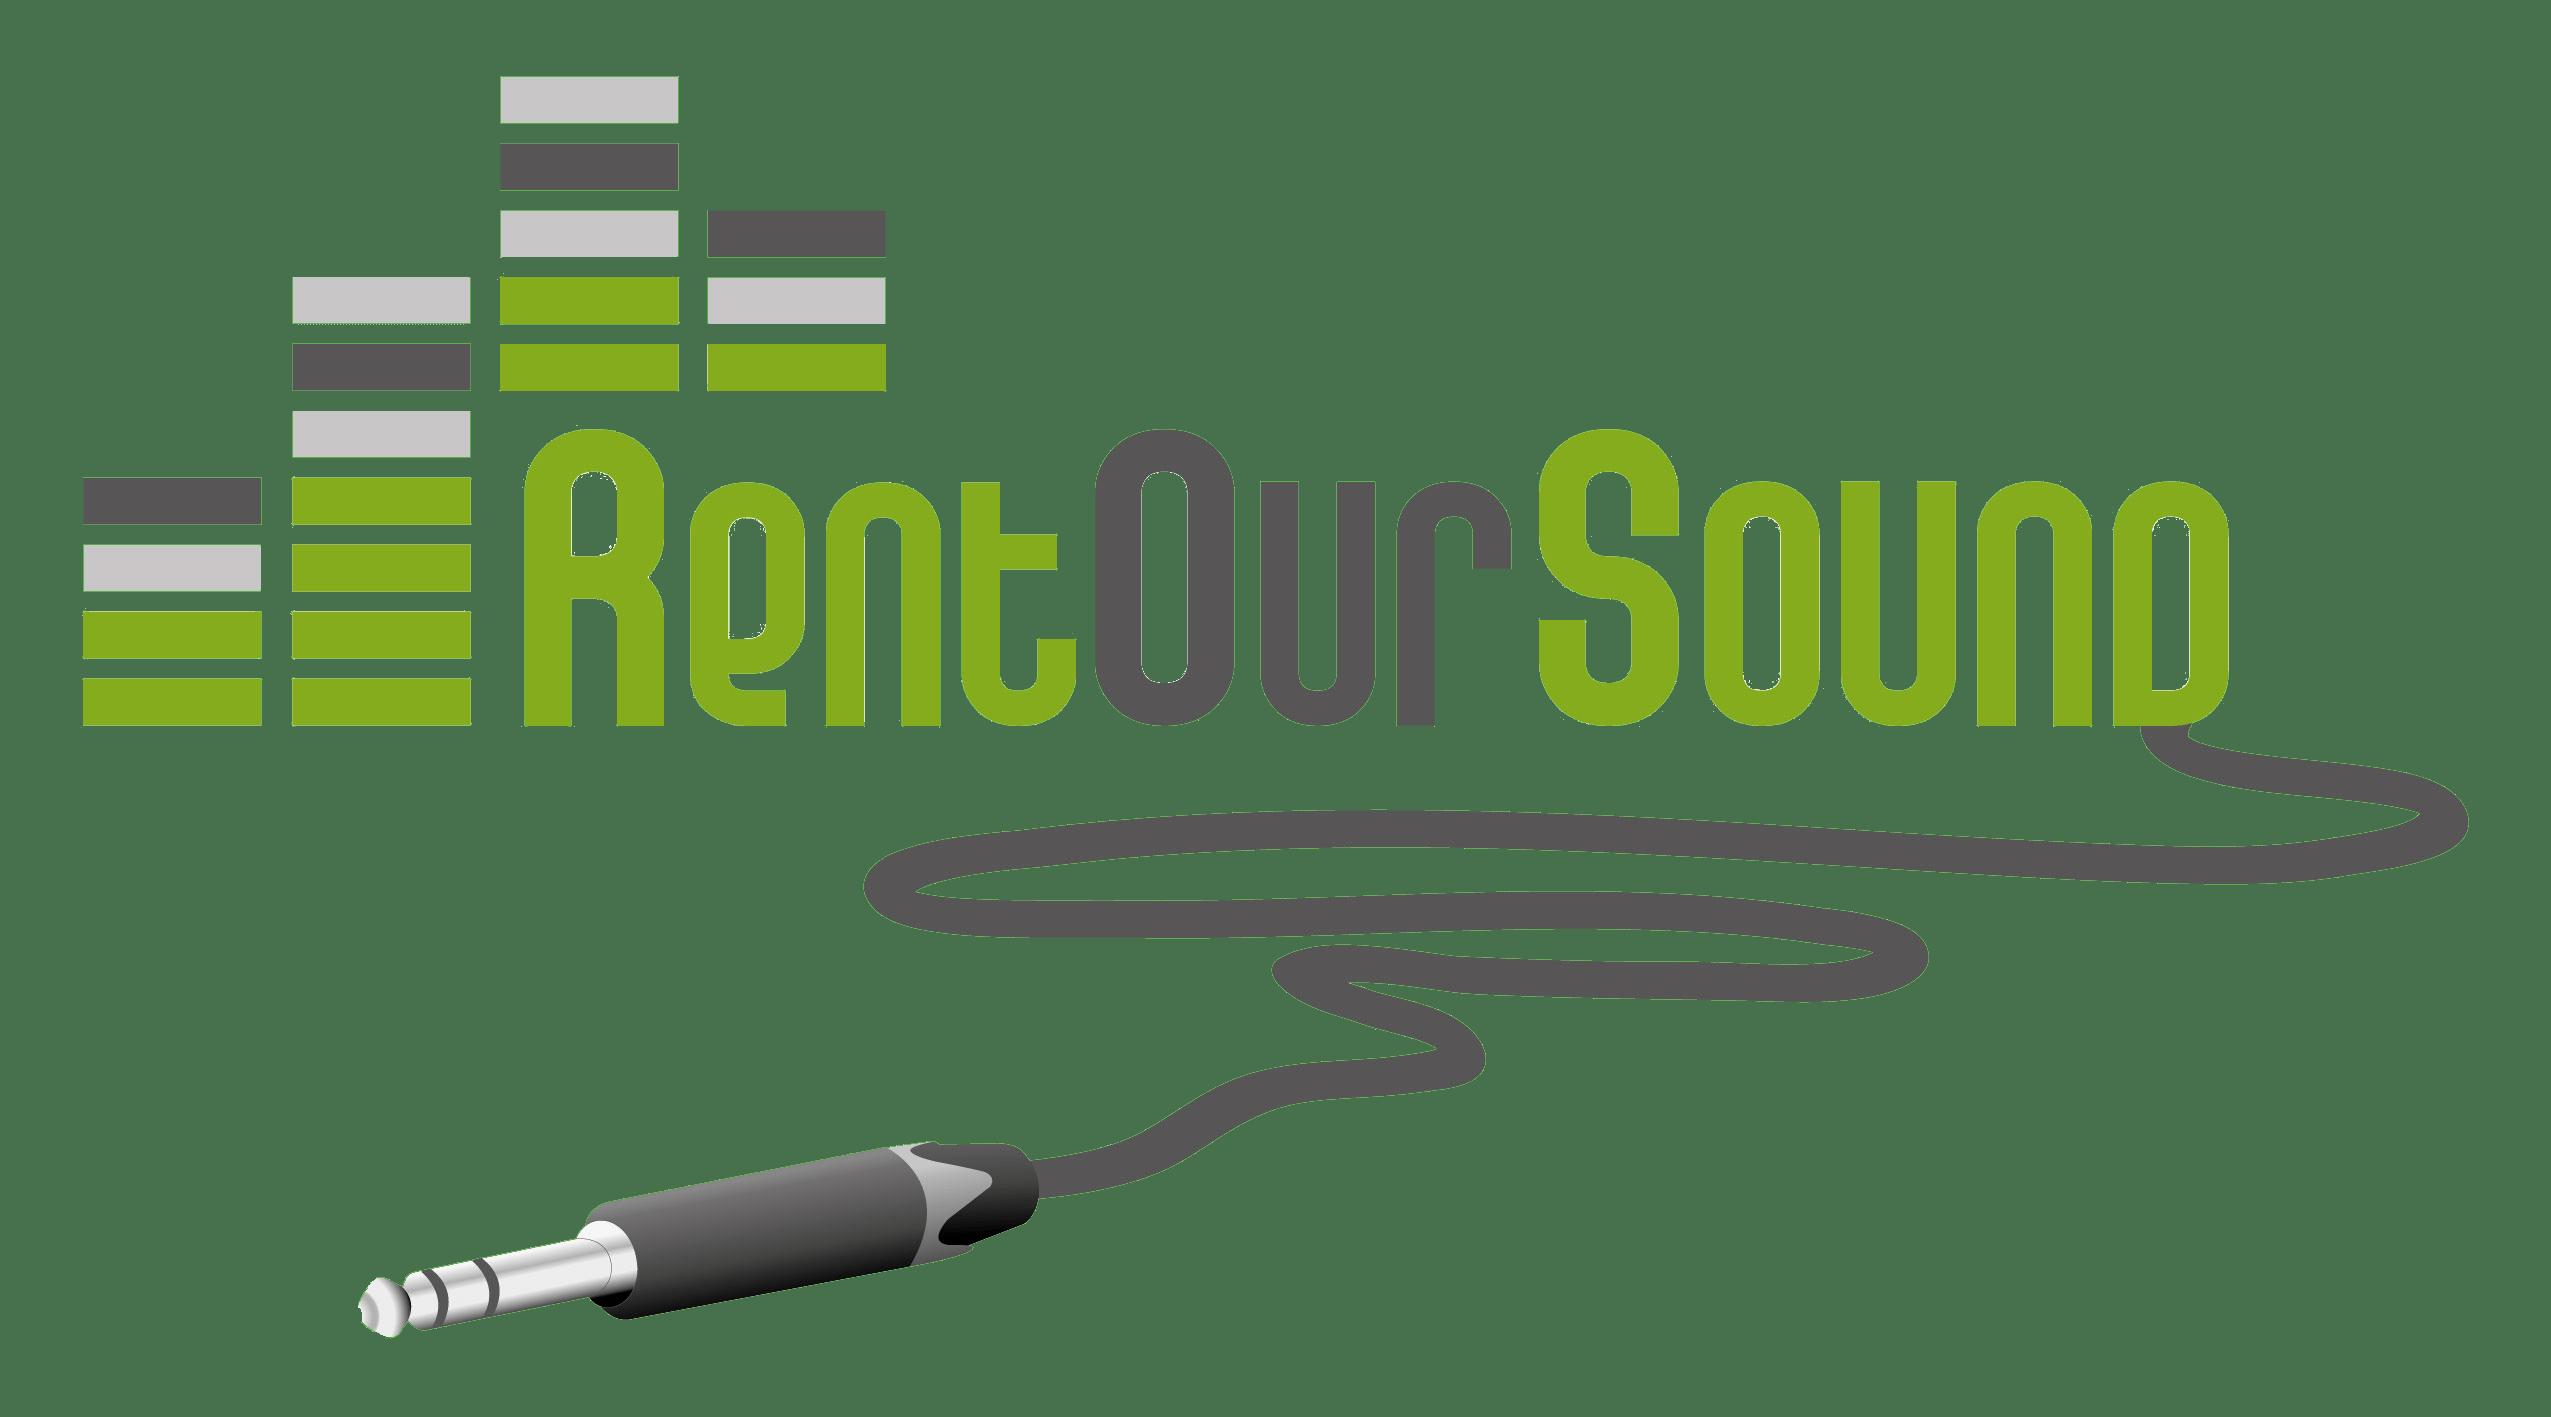 RentOurSound